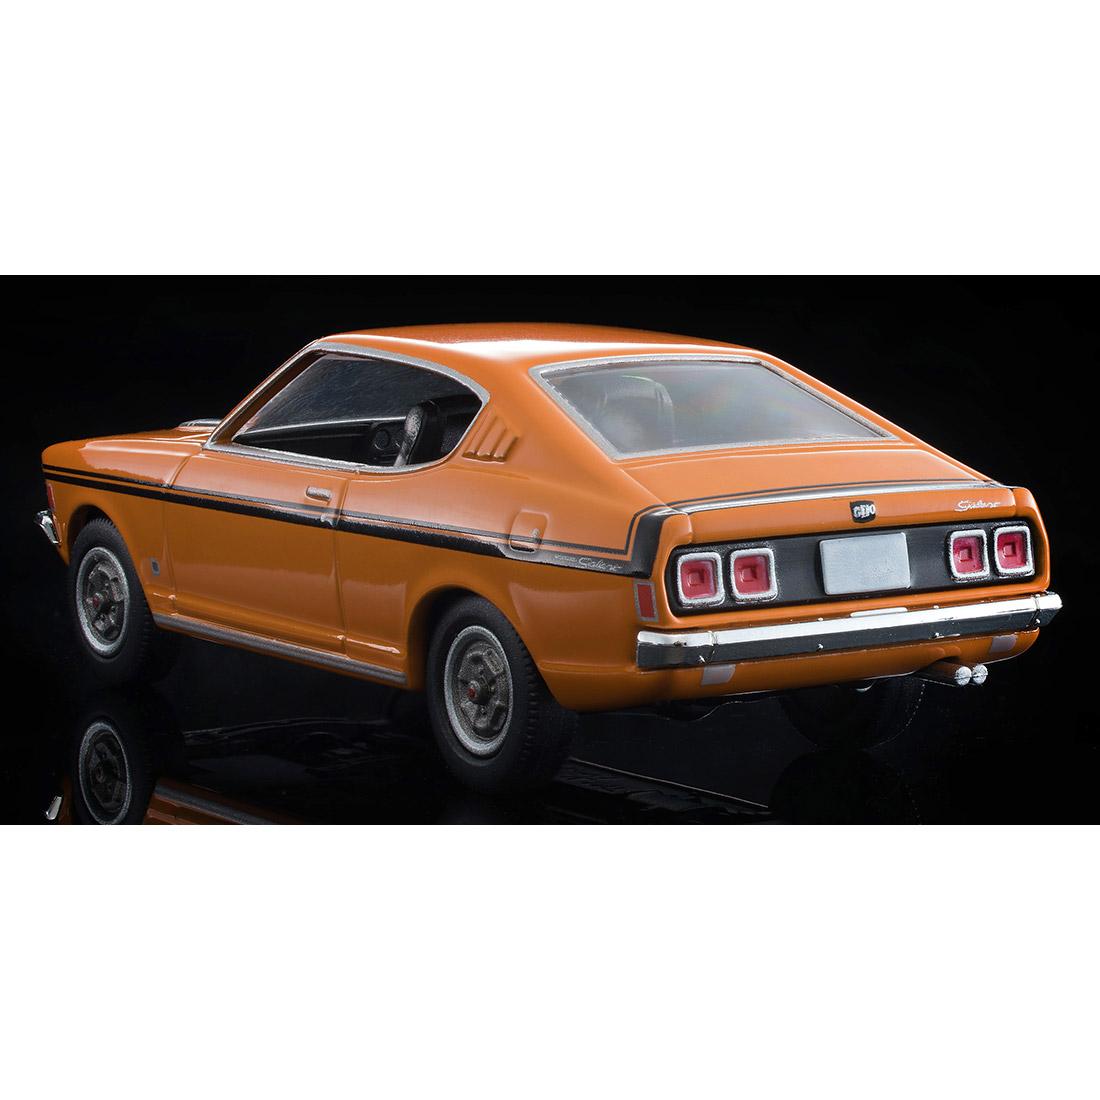 トミカリミテッドヴィンテージ ネオ LV-N204a『コルトギャランGTO MR(橙)』1/64 ミニカー-009